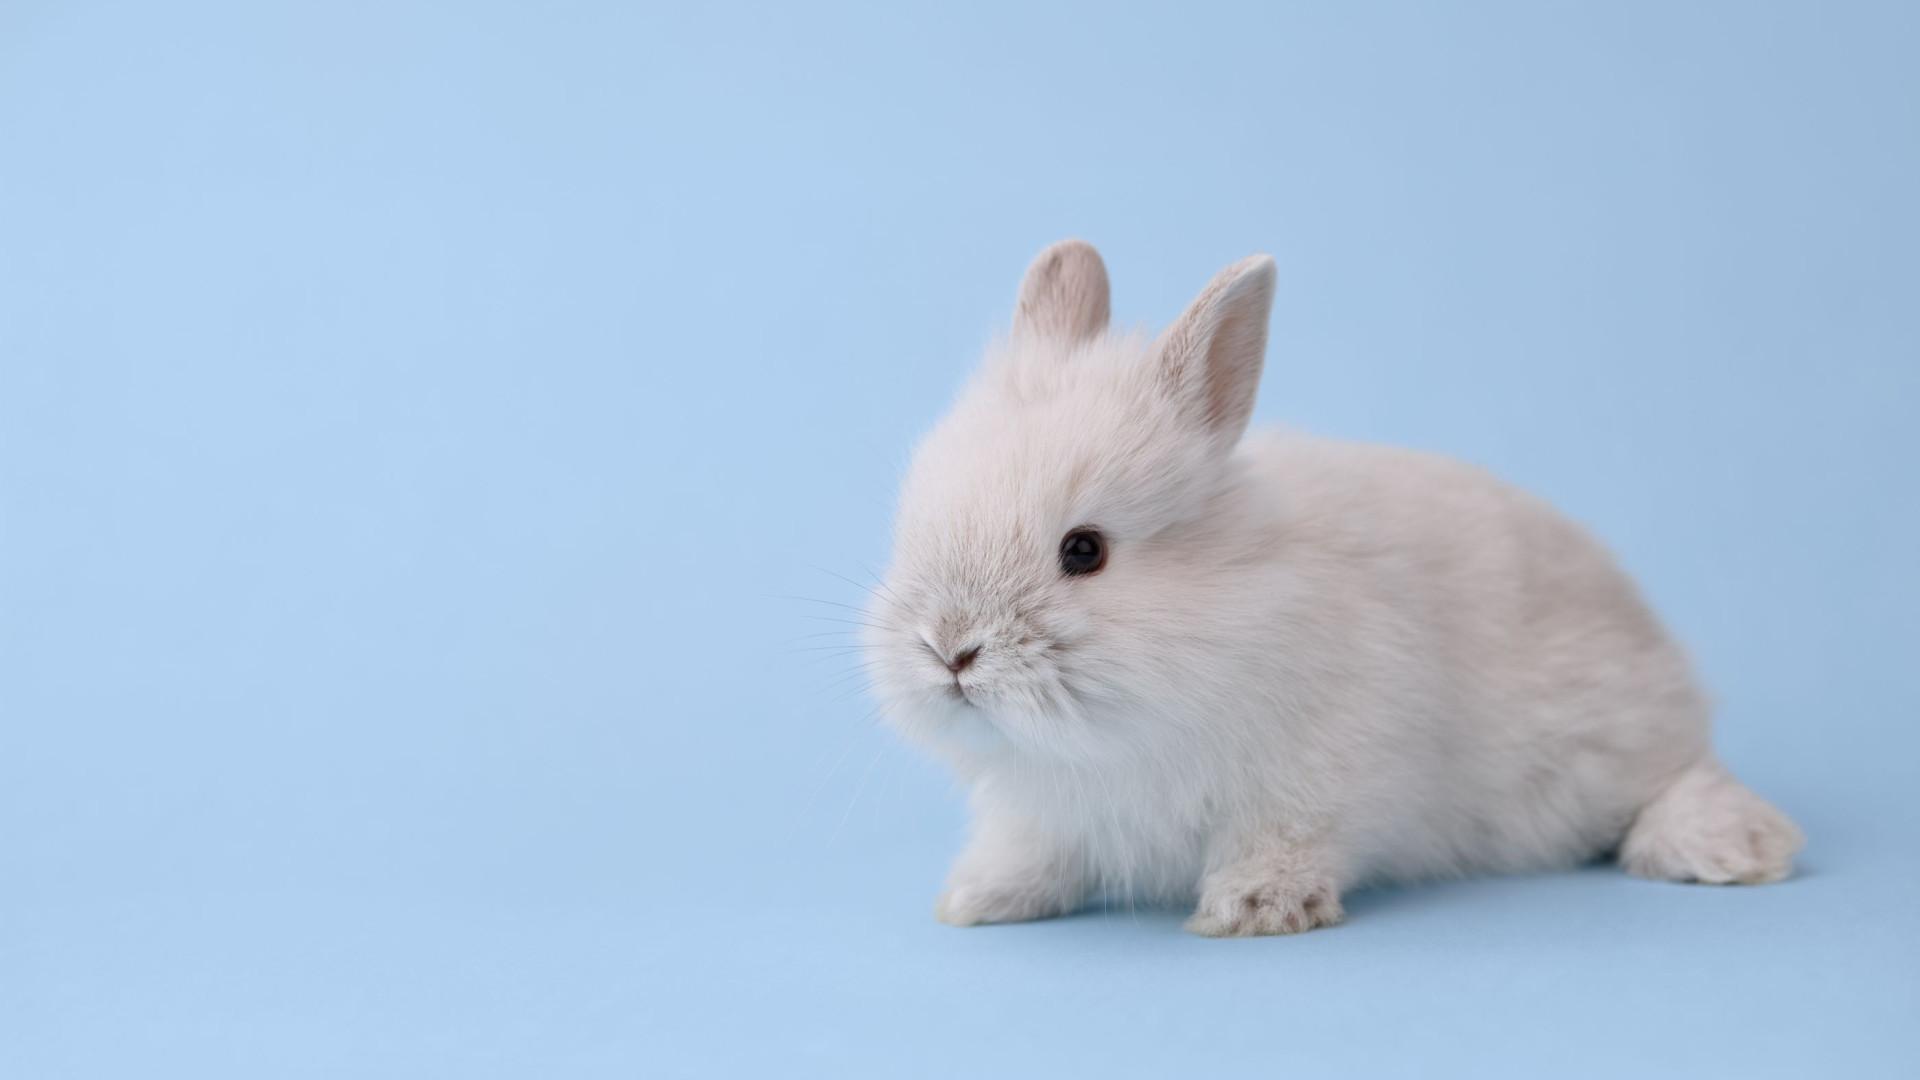 Dove já não testa em animais, e tem selo de 'cruelty free' que o comprova